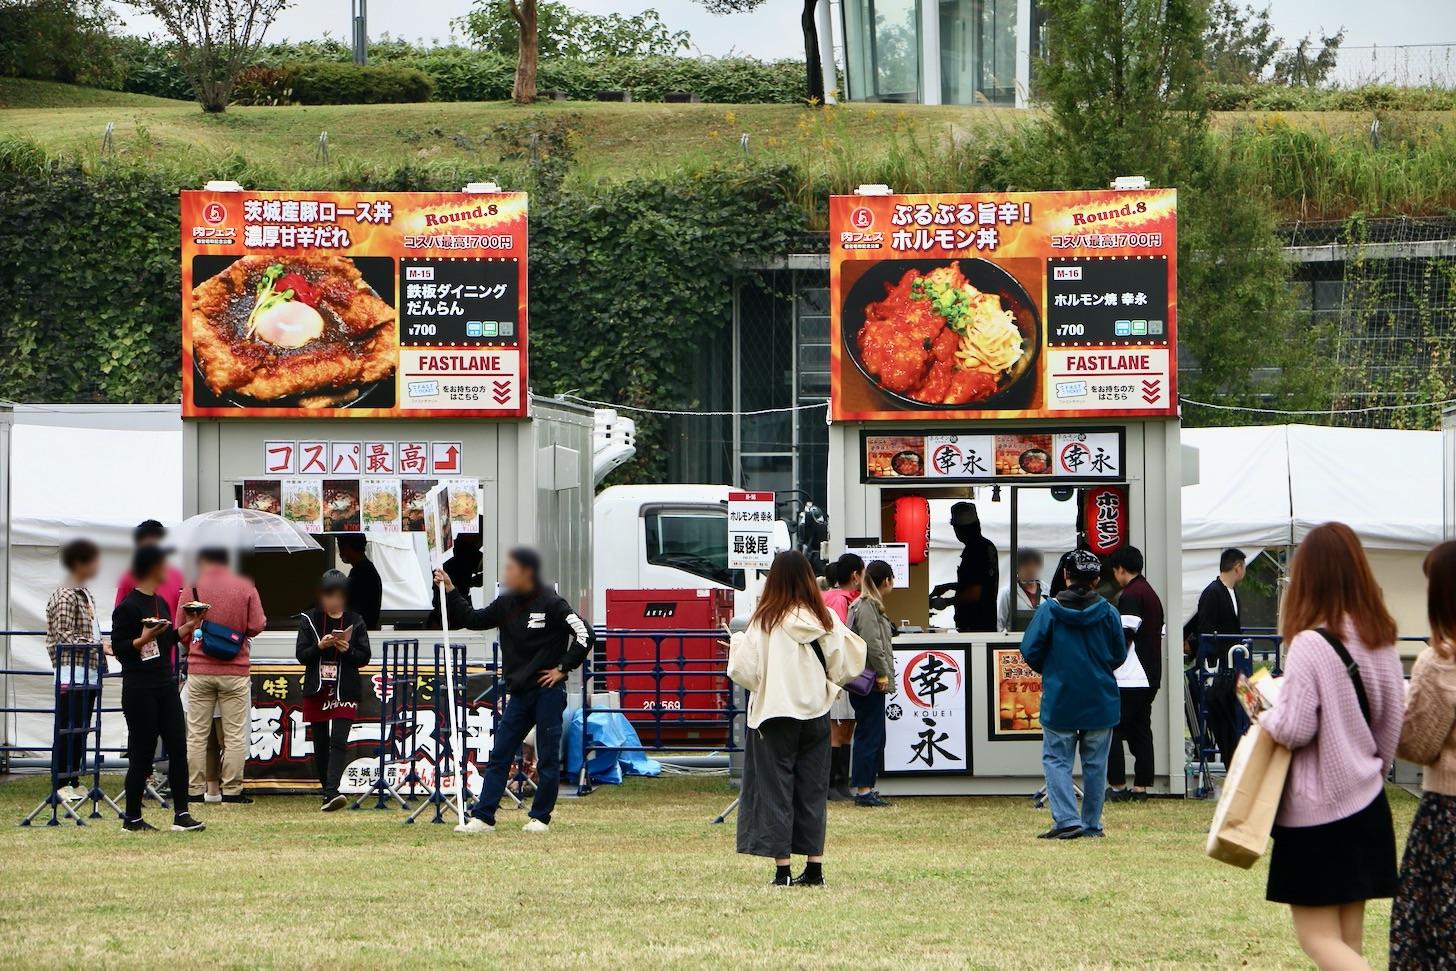 肉フェス国営昭和記念公園2019 肉ブース